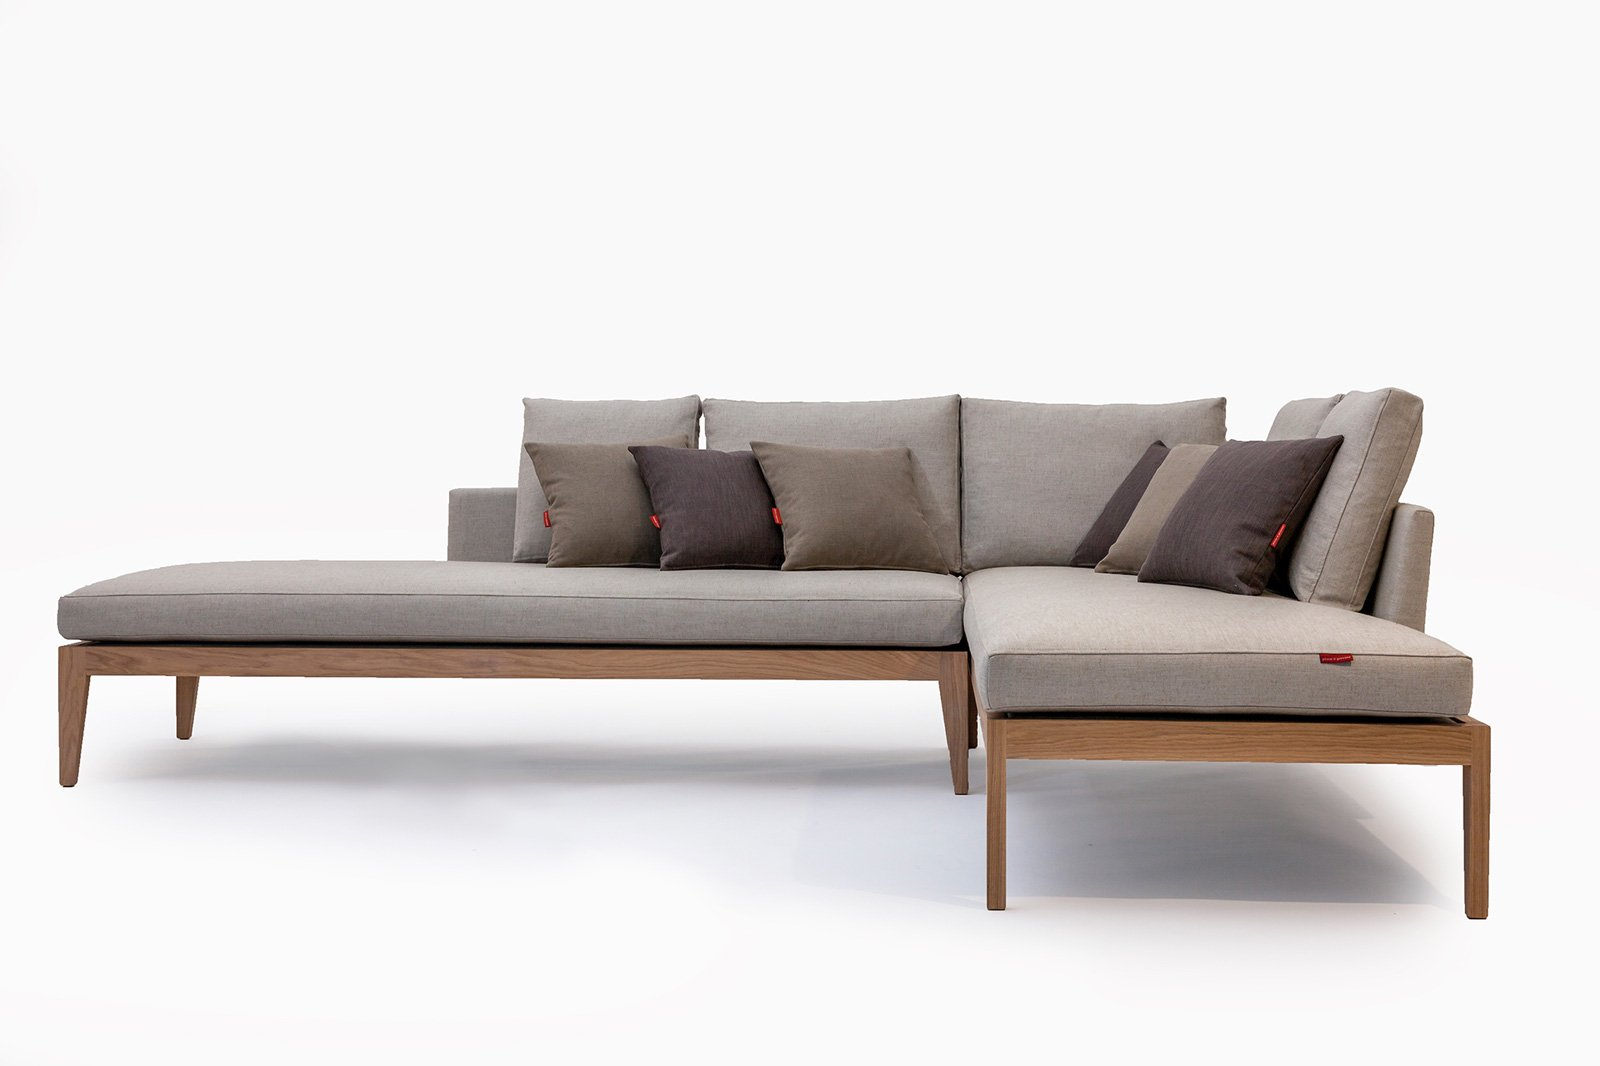 I nuovi divani al salone del mobile 2016 sofisticati e - Divano con mobile incorporato ...